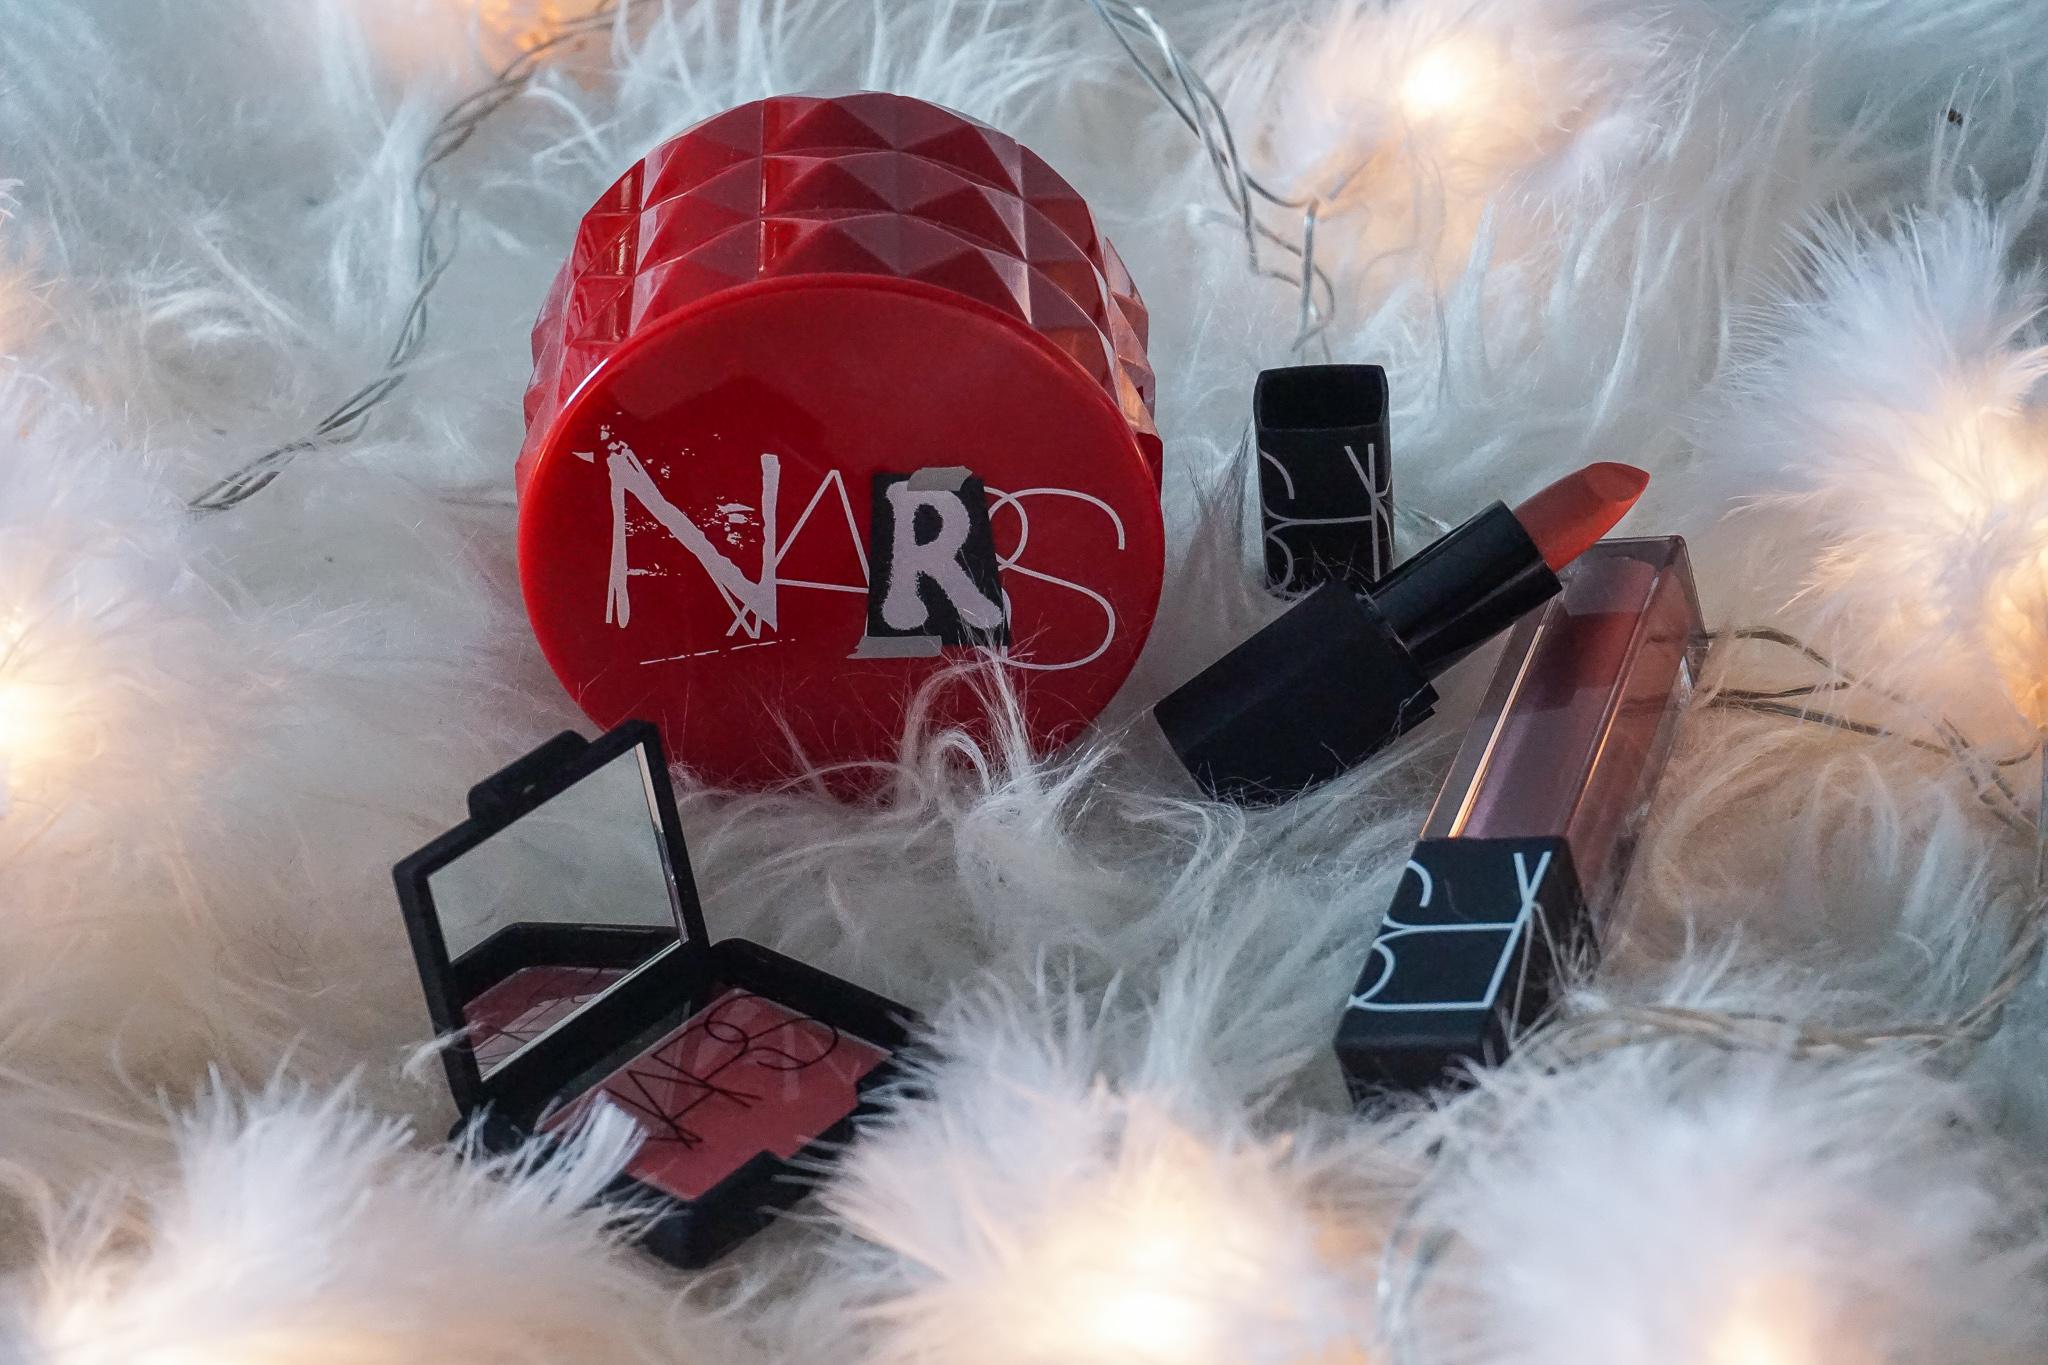 NARS - Little Fetish Mini Blush & Lipstick